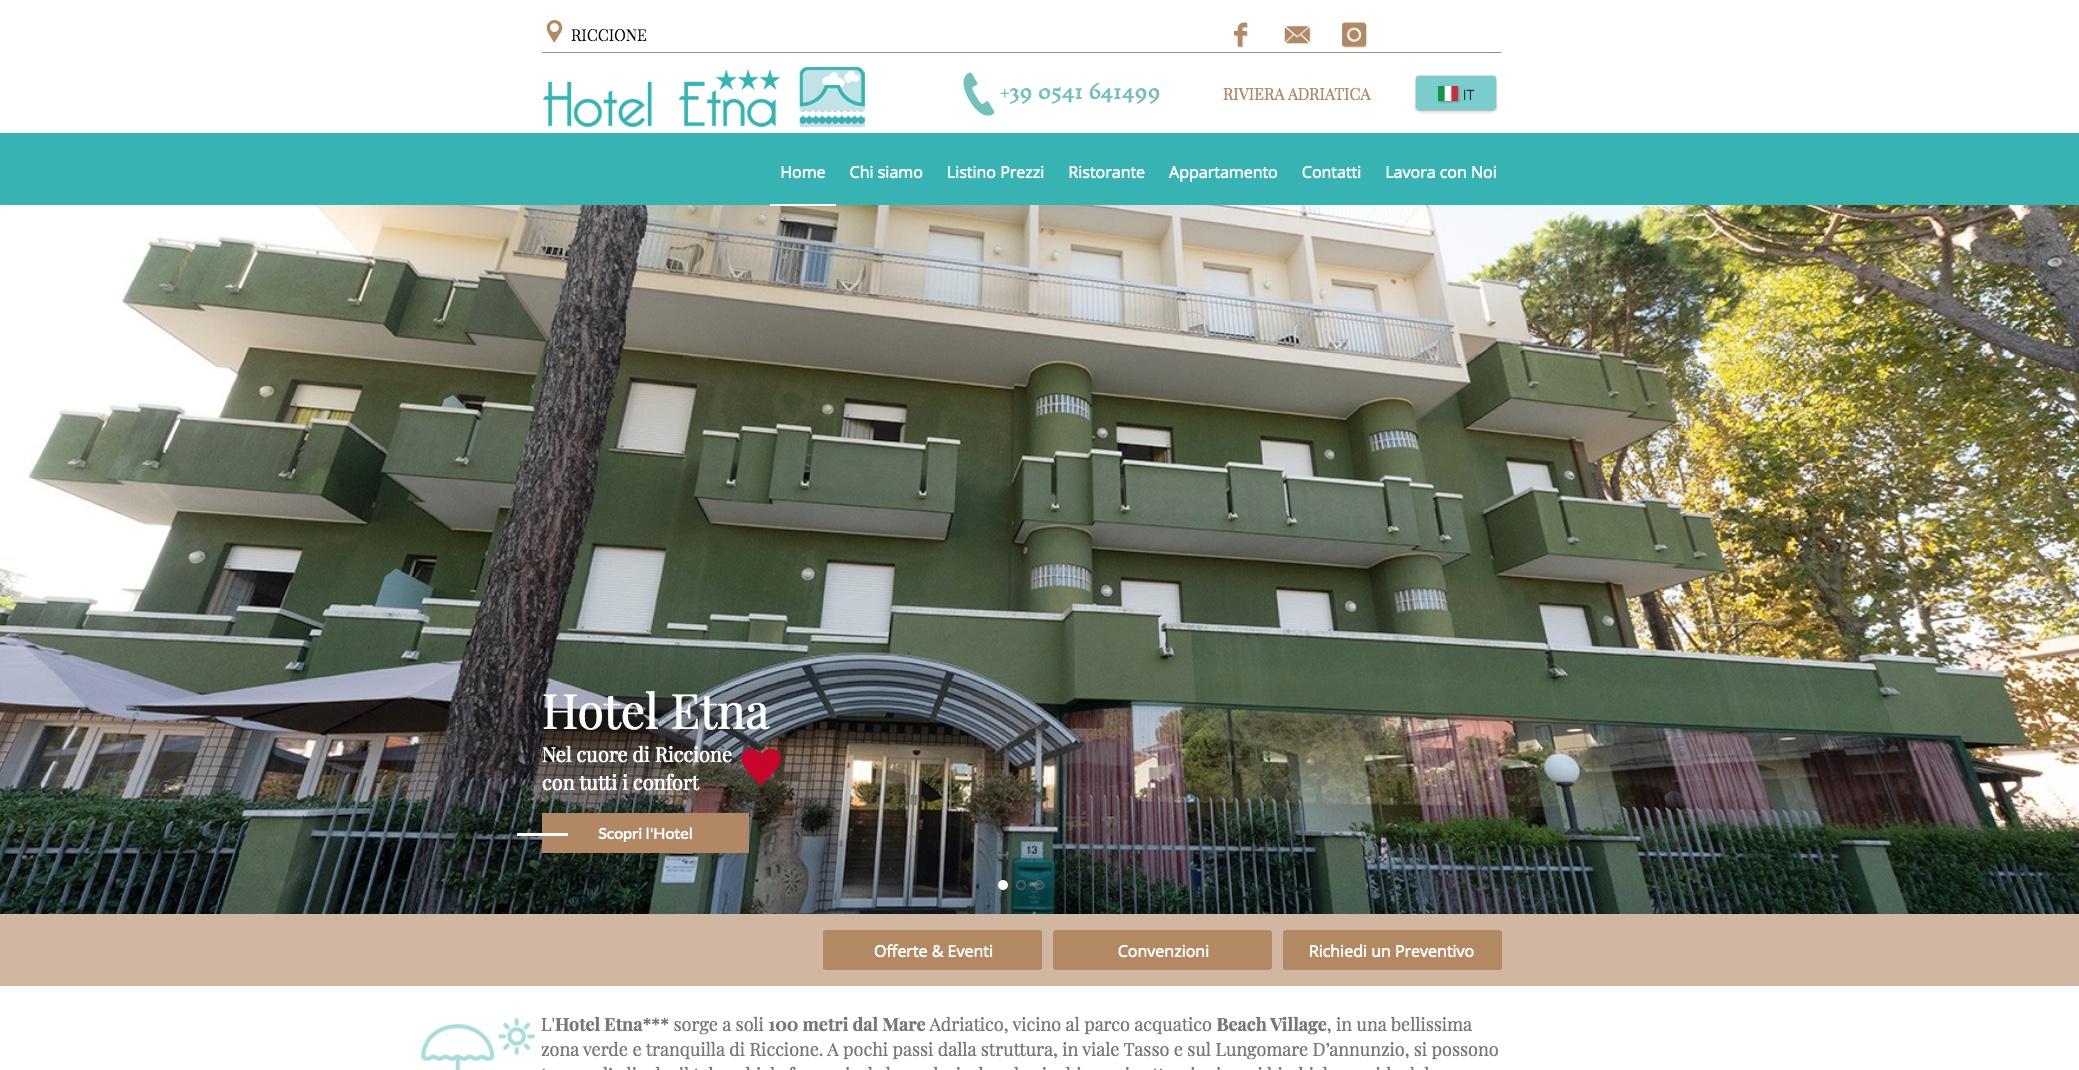 Tonelli Design Listino Prezzi.Home Hotel Etna Riccione Riviera Adriatica